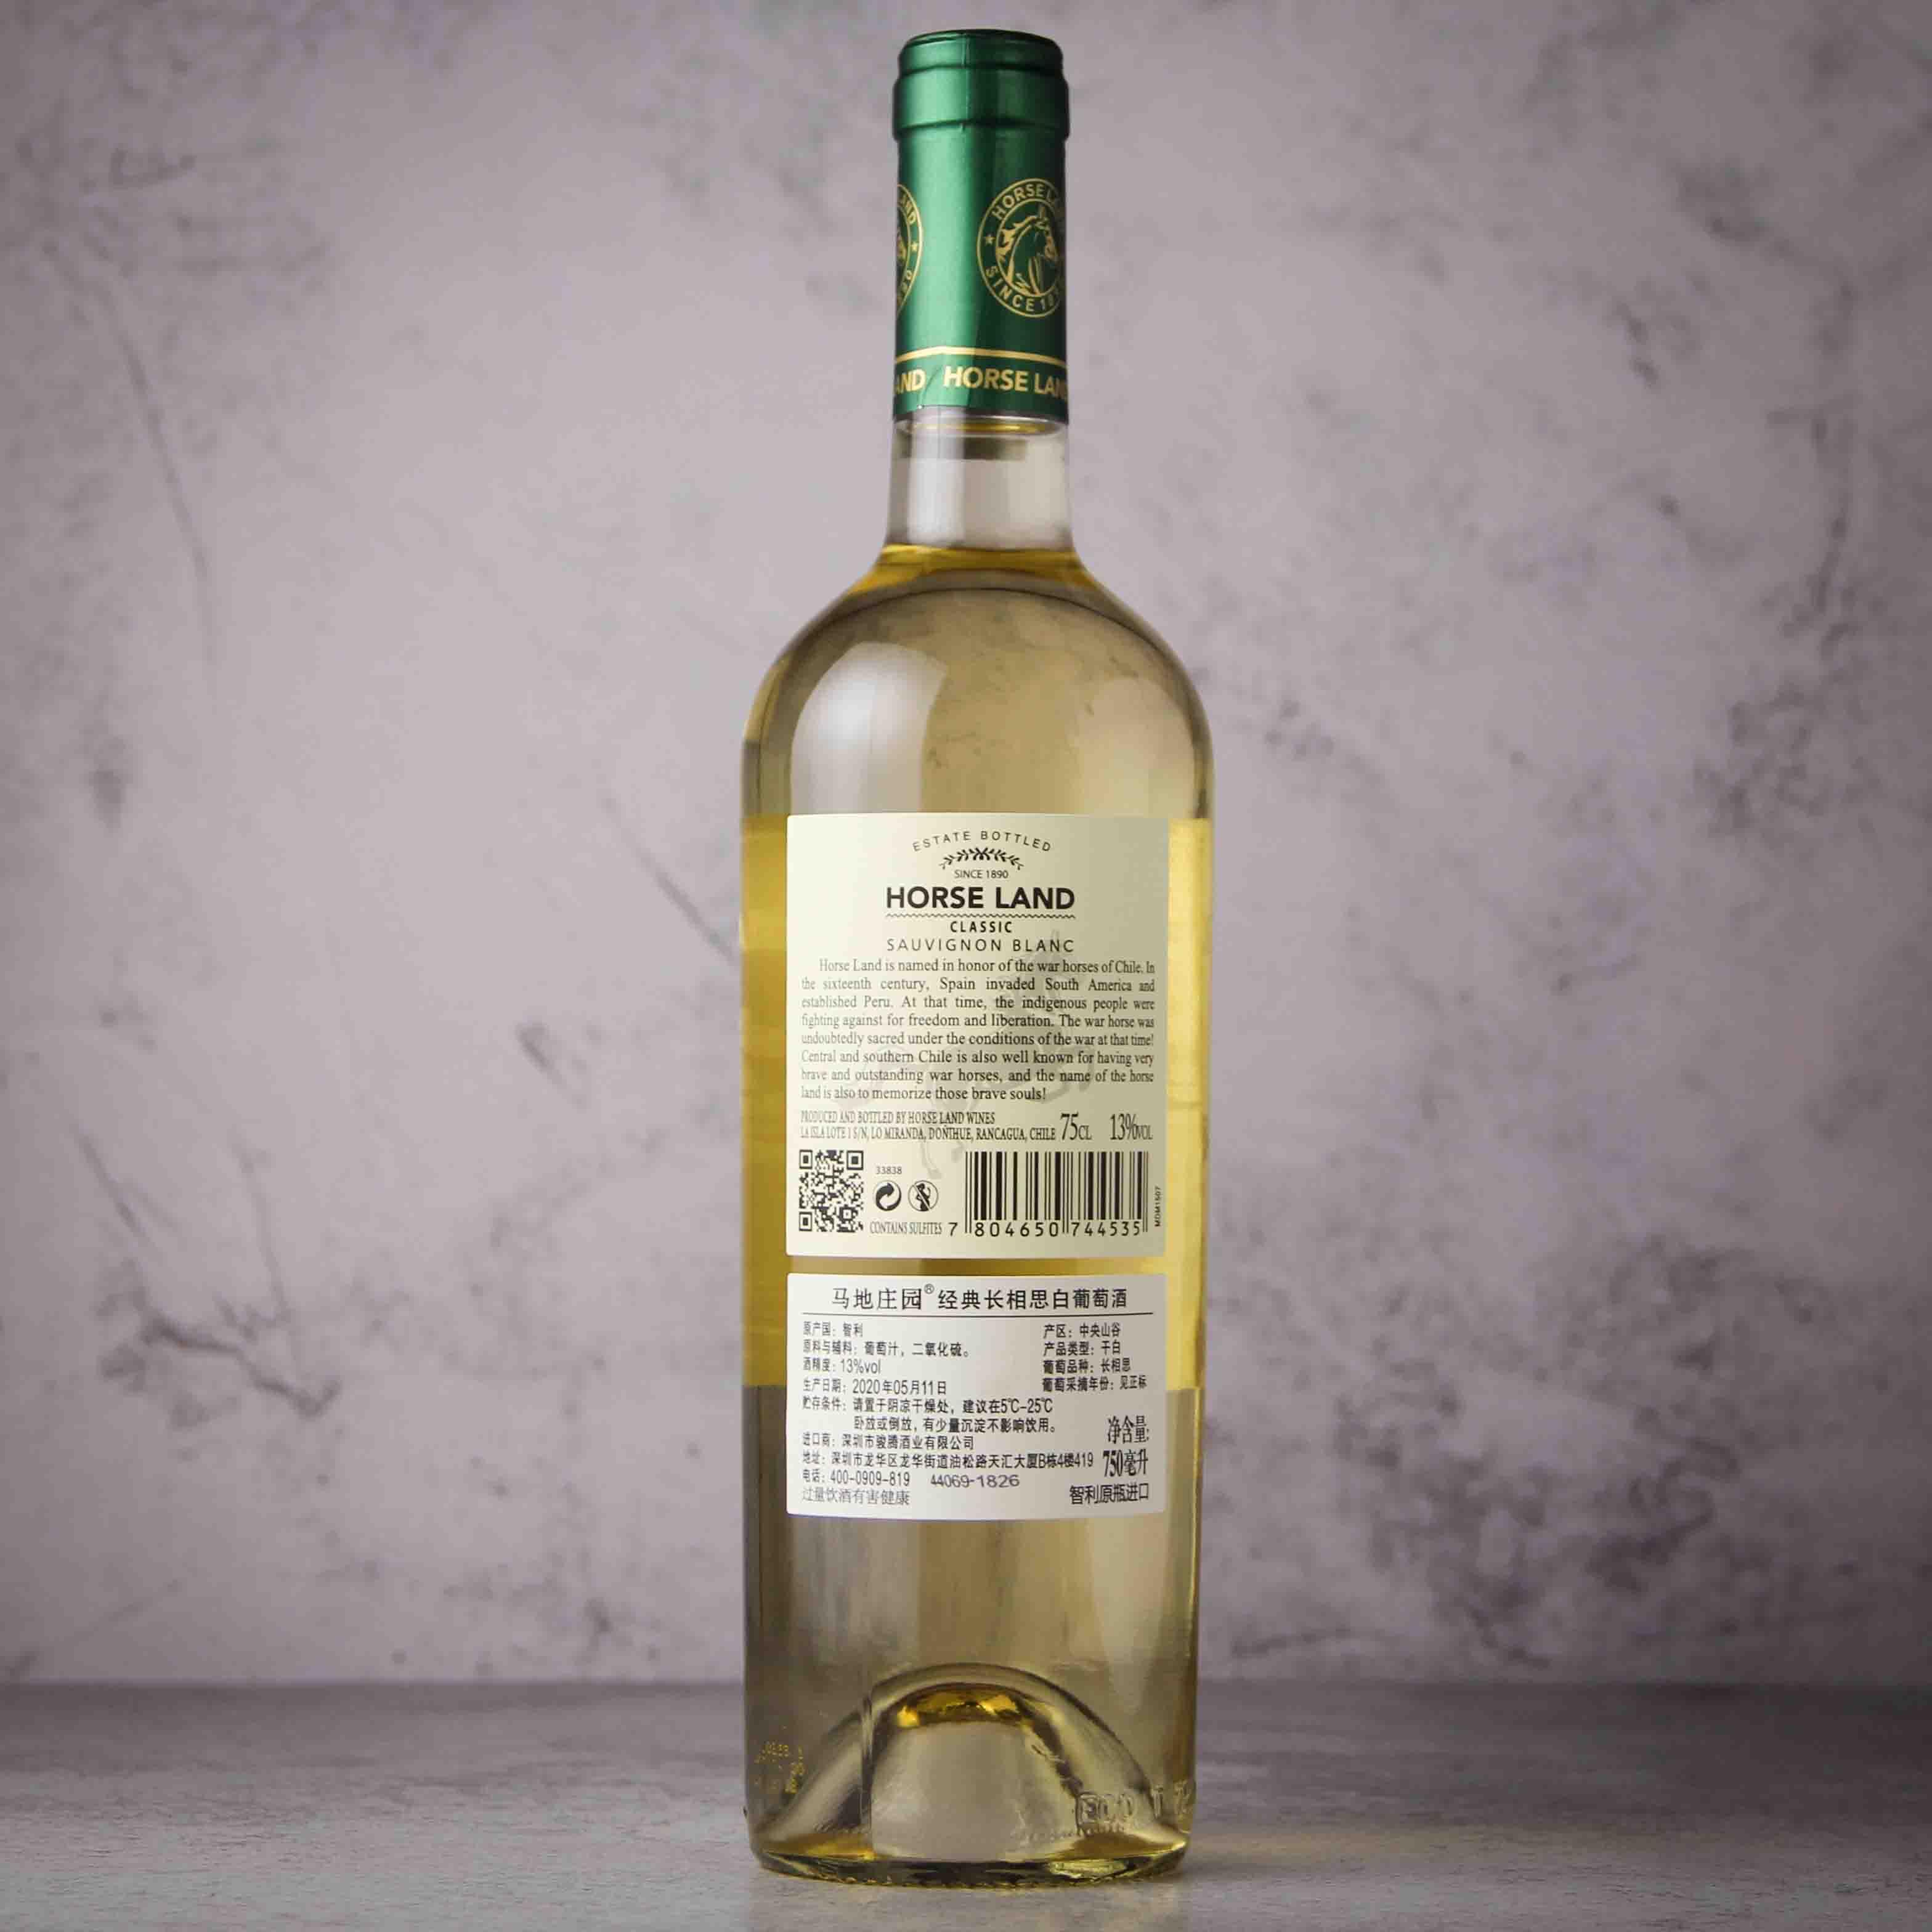 马地庄园经典长相思白葡萄酒